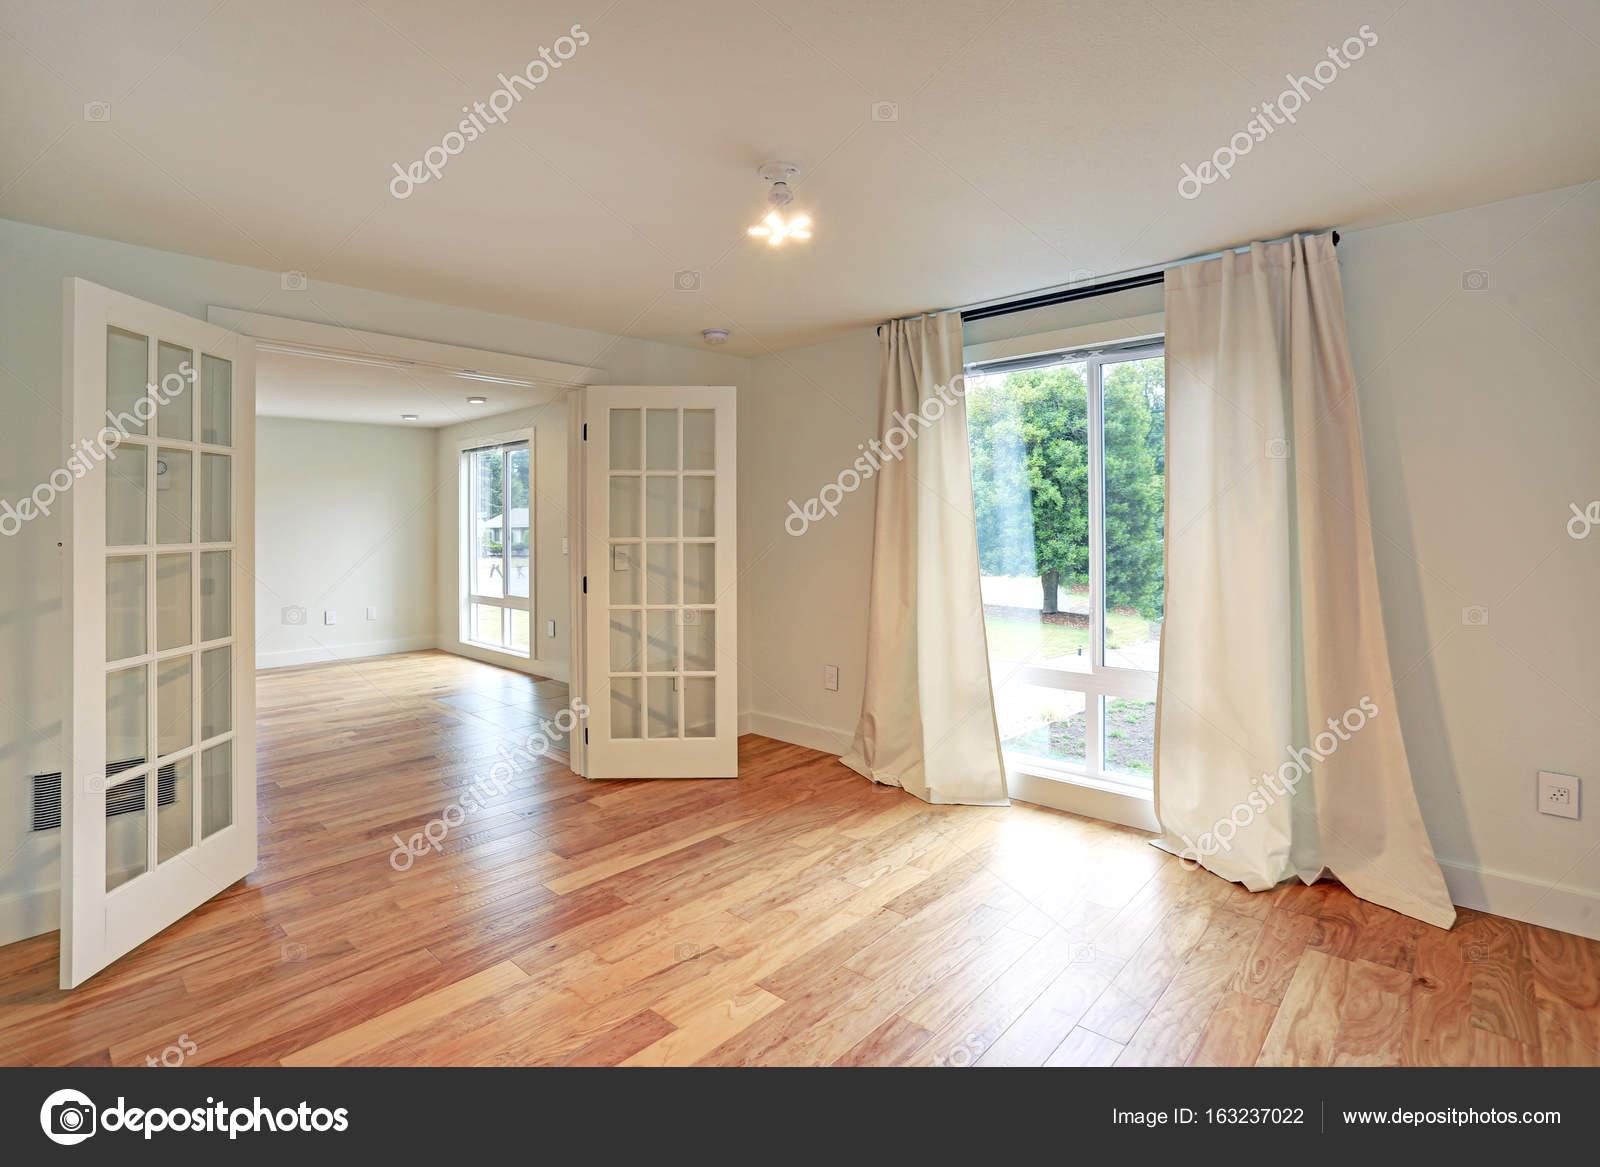 light and bright empty family room interior stock photo alabn rh depositphotos com Laundry Room Empty Creepy Empty Room